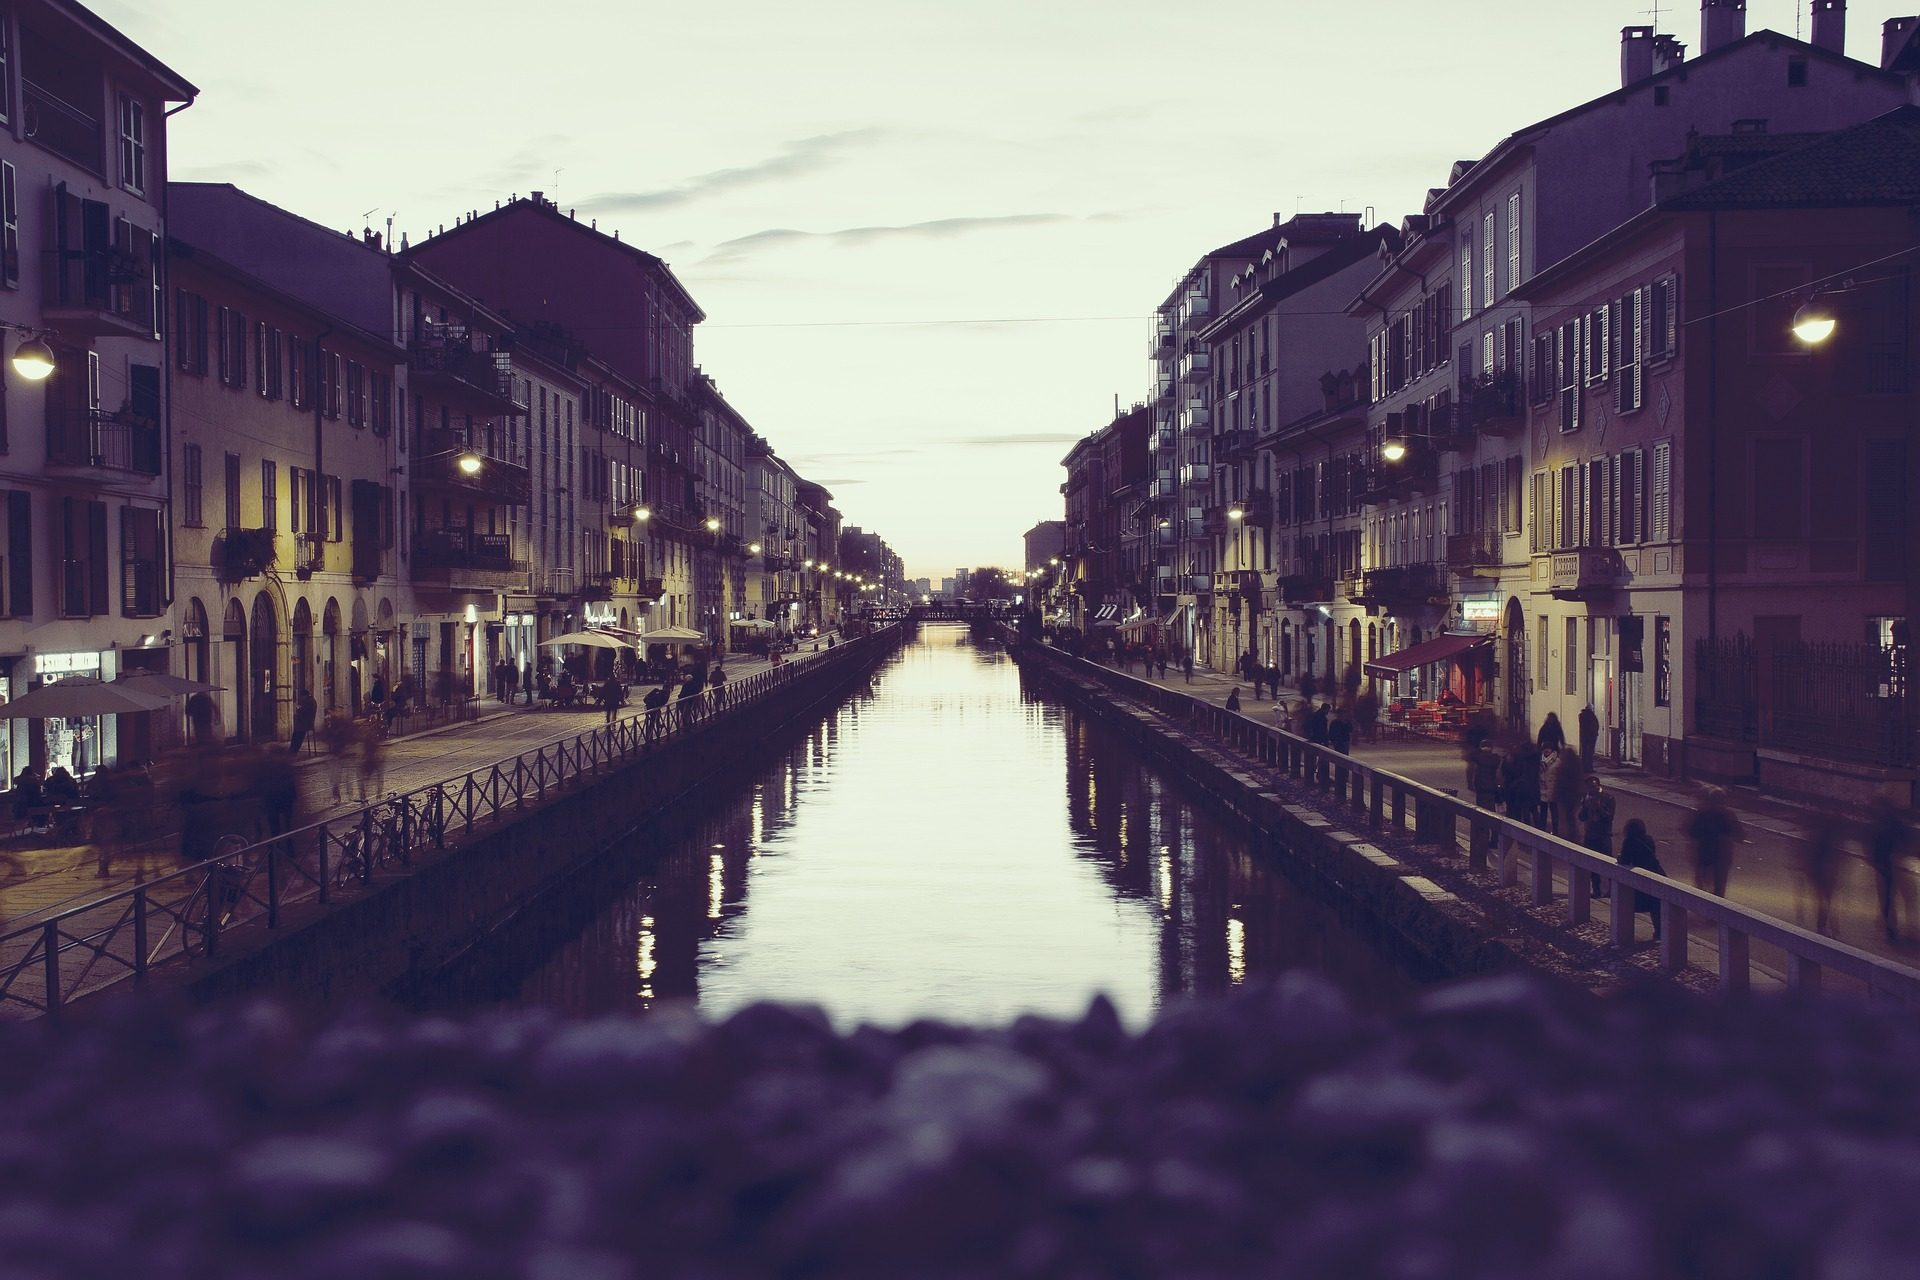 Город, канал, воды, Туризм, дома, Небо, отражение - Обои HD - Профессор falken.com